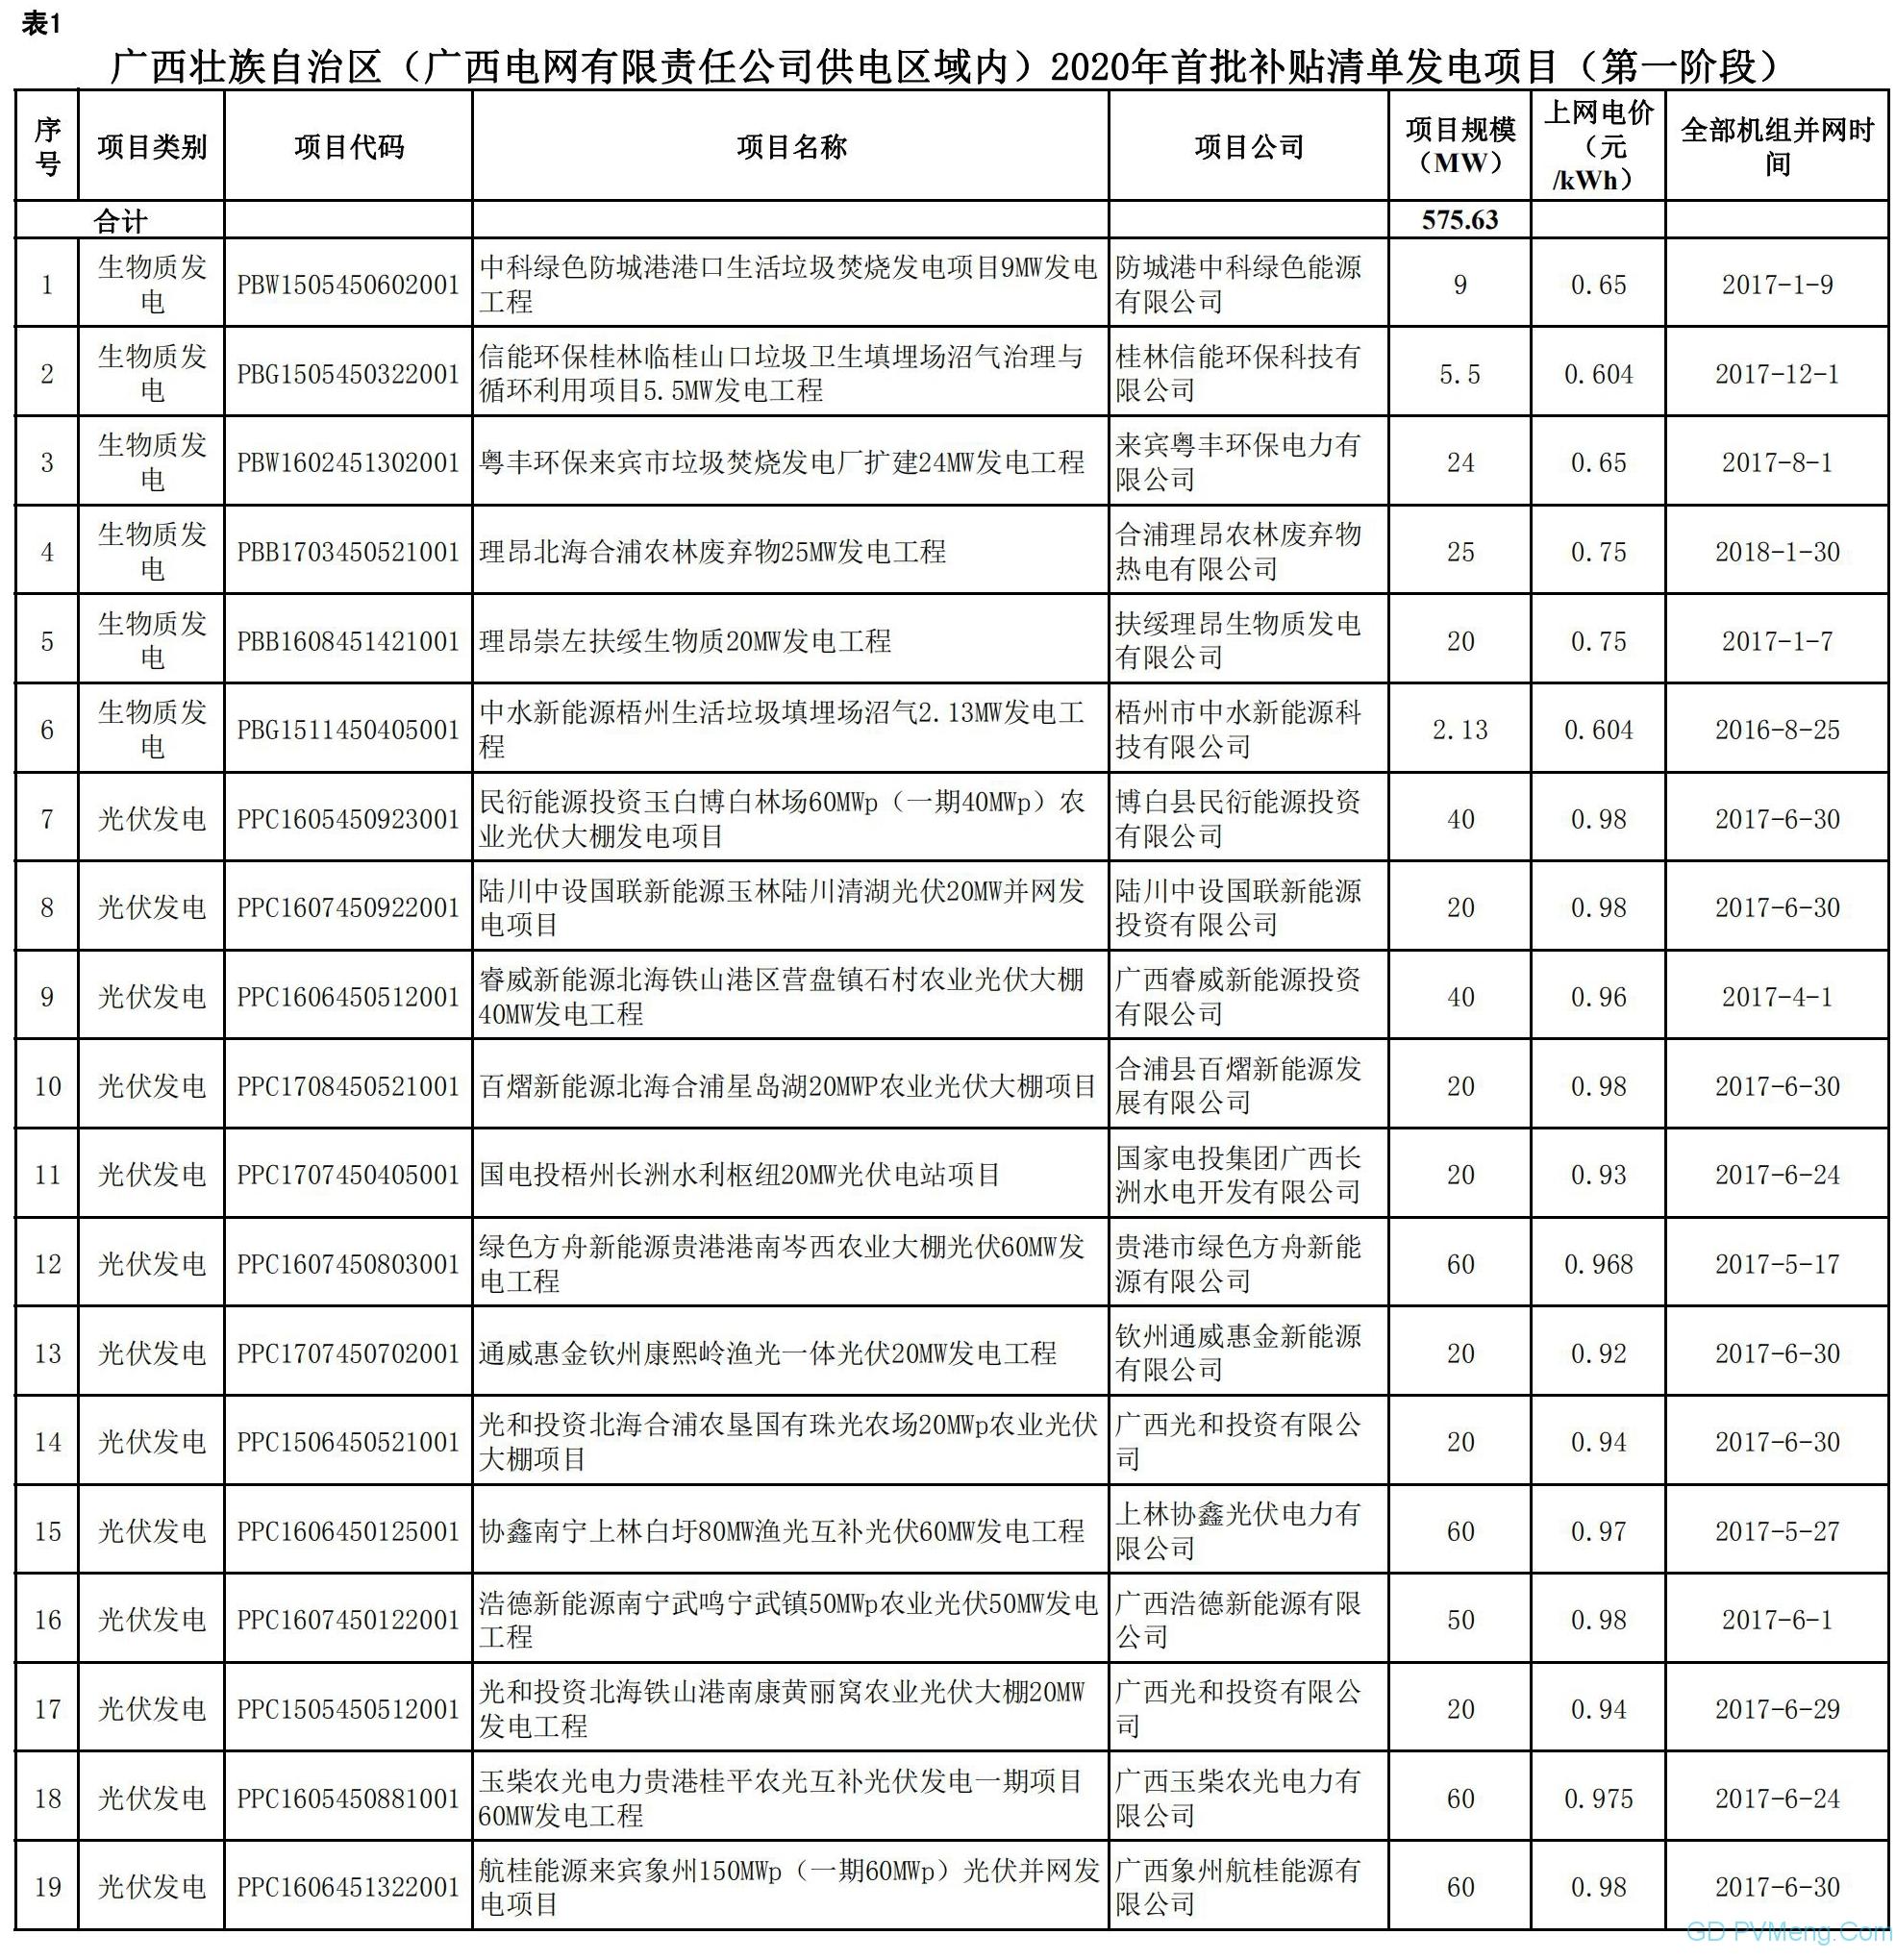 广西壮族自治区(广西电网有限责任公司供电区域内)首批可再生能源发电项目补贴清单(第一阶段)20200513